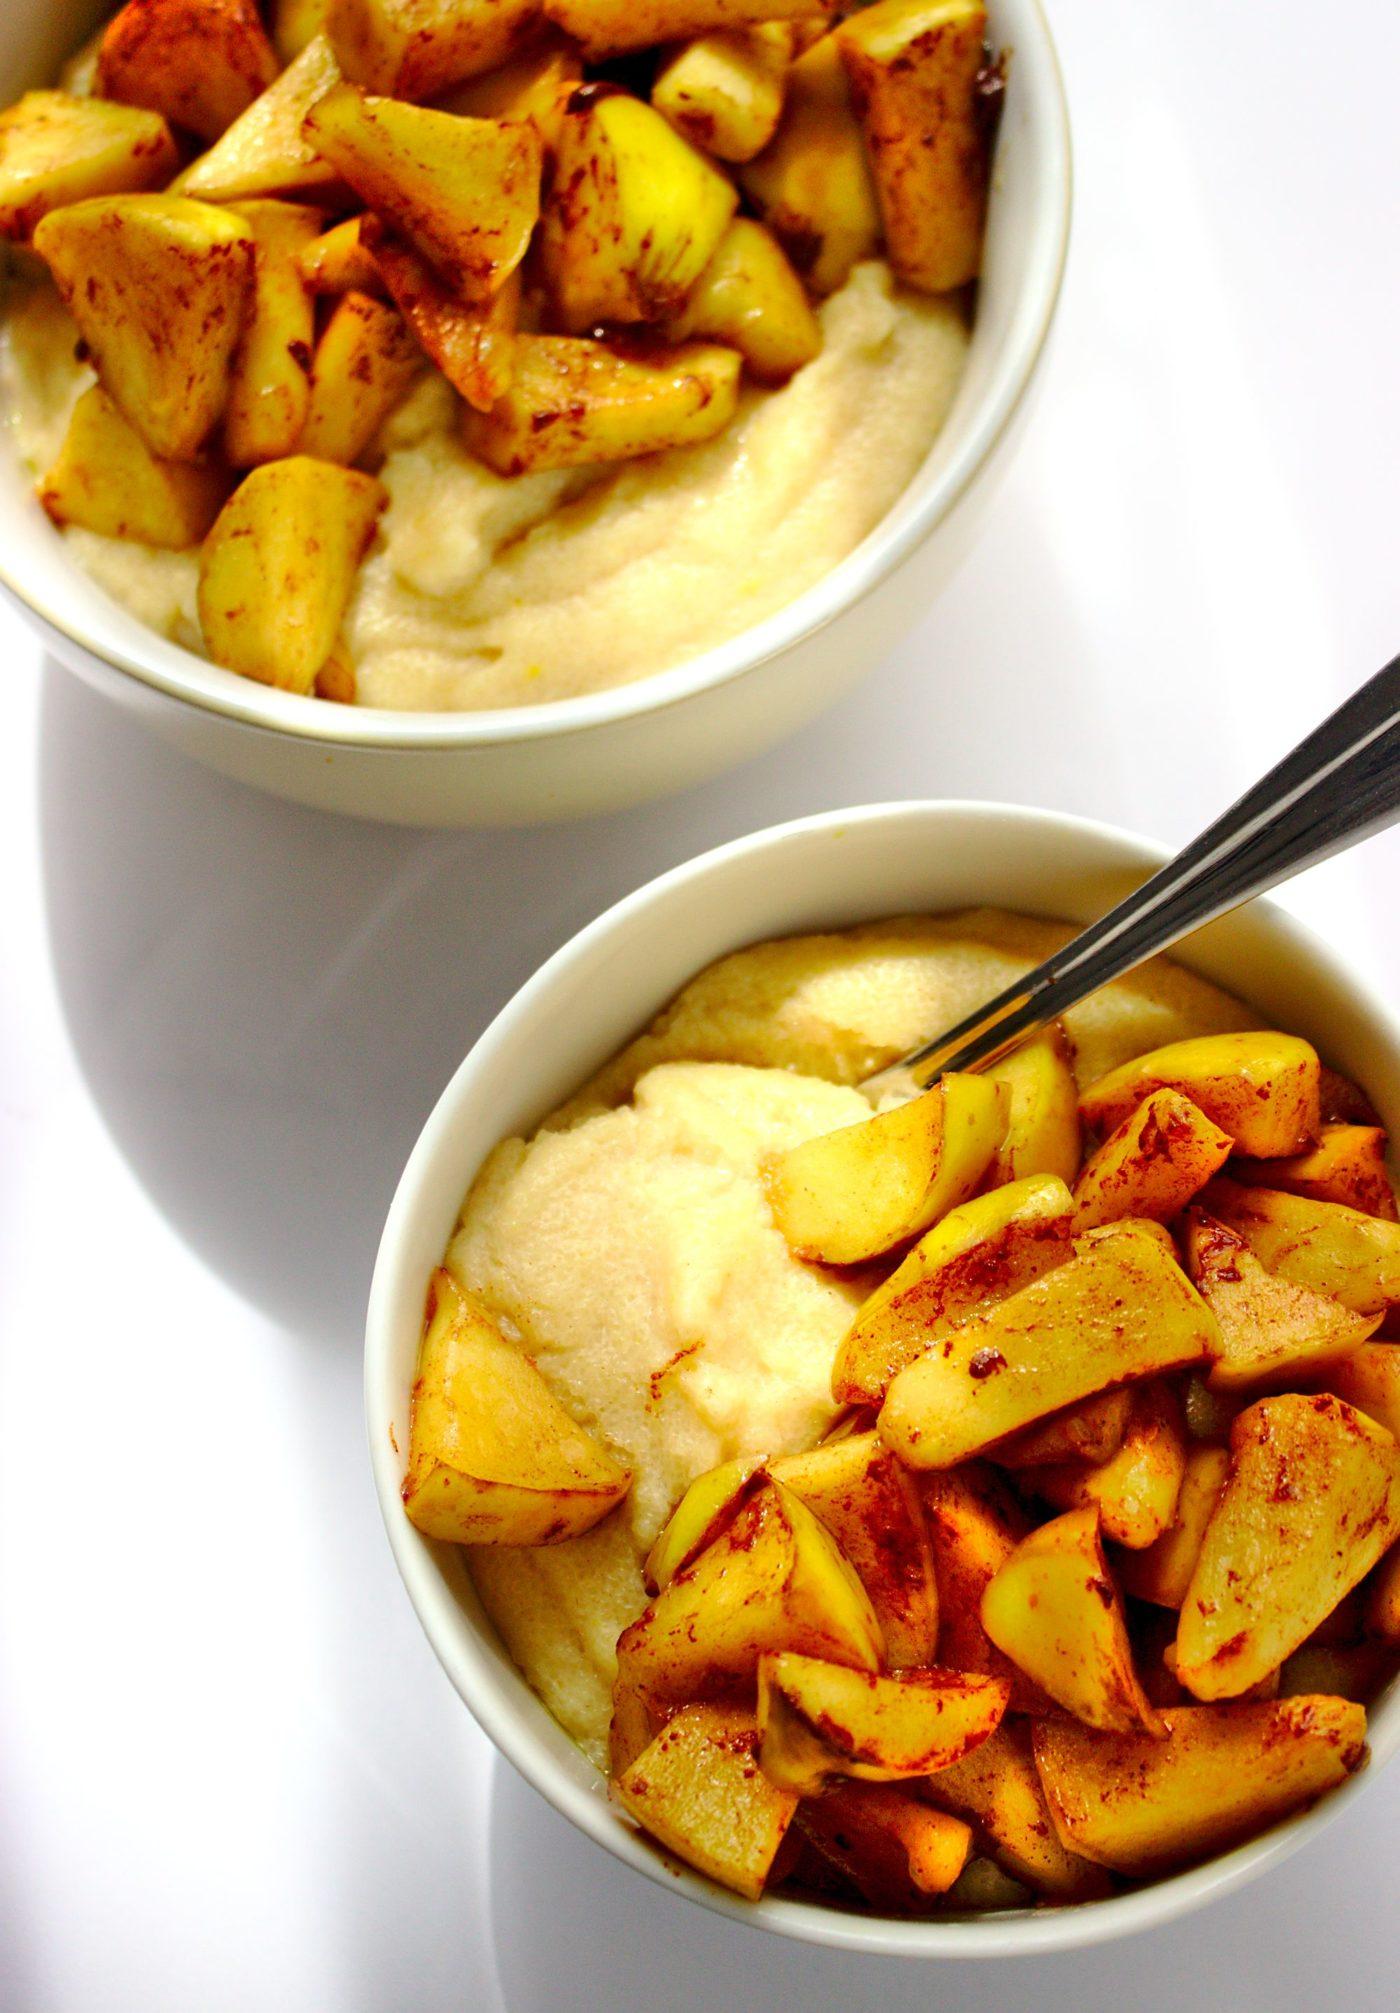 Fit kasza manna o smaku szarlotki. Zdrowy deser z jabłkami